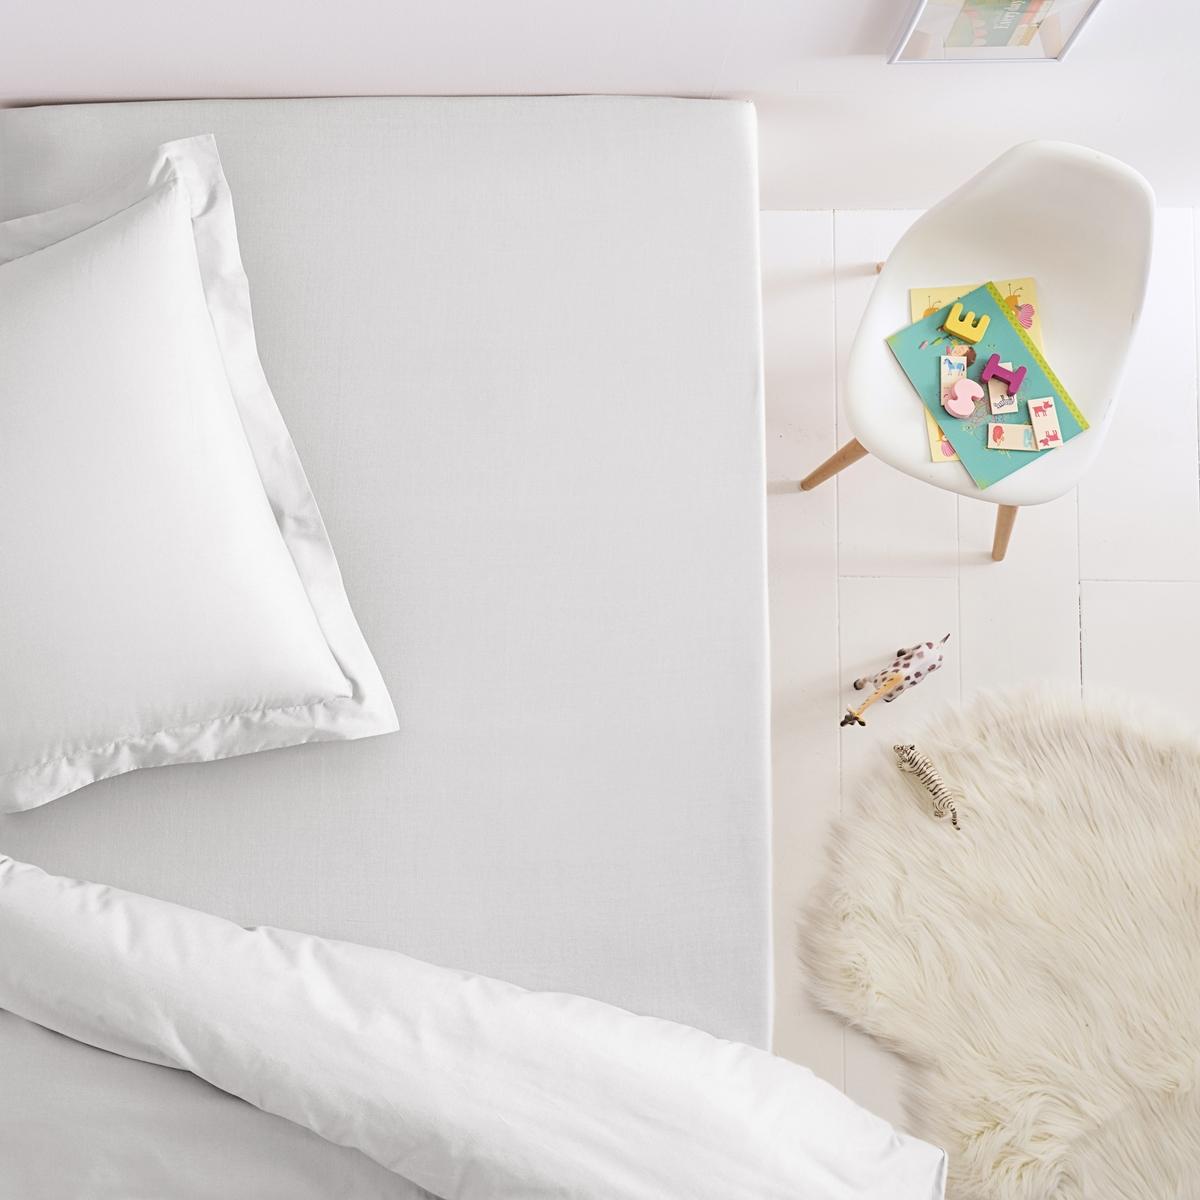 Простыня натяжная из хлопка для детской кроватиВеликолепные расцветки хлопковой натяжной простыни для детской кровати забавно сочетаются с наволочками и пододеяльниками SC?NARIO. Характеристики натяжной простыни для детской кровати:-  Однотонные расцветки можно комбинировать или подбирать к вашему постельному белью в зависимости от настроения и времени года!- 100% хлопка плотного переплетения (57 нитей/см?). Чем больше плотность переплетения нитей/см?, тем качественнее материал.Стирка при 60°.                                                Великолепную цветовую гамму можно сочетать с постельным бельём с рисунком, продающимся на нашем сайте.                                                                                                                                                     Соответствие размеров детской натяжной простыни:                                80 x 190 см: 1-сп..                        90 x 140 см. : раскладная кровать                                    90 x 190 см : 1-сп..                                                                                                                                         Всю коллекцию вы найдёте, набрав SC?NARIO COTON                                                                                                                        Знак Oeko-Tex® гарантирует отсутствие вредных для здоровья веществ в протестированных и сертифицированных изделиях.<br><br>Цвет: антрацит,белый,голубой бирюзовый,желтый солнечный,зелено-синий,красный,розовый,серый жемчужный,сине-зеленый,синий королевский,смородиновый<br>Размер: 80 x 190  см.90 x 190  см.80 x 190  см